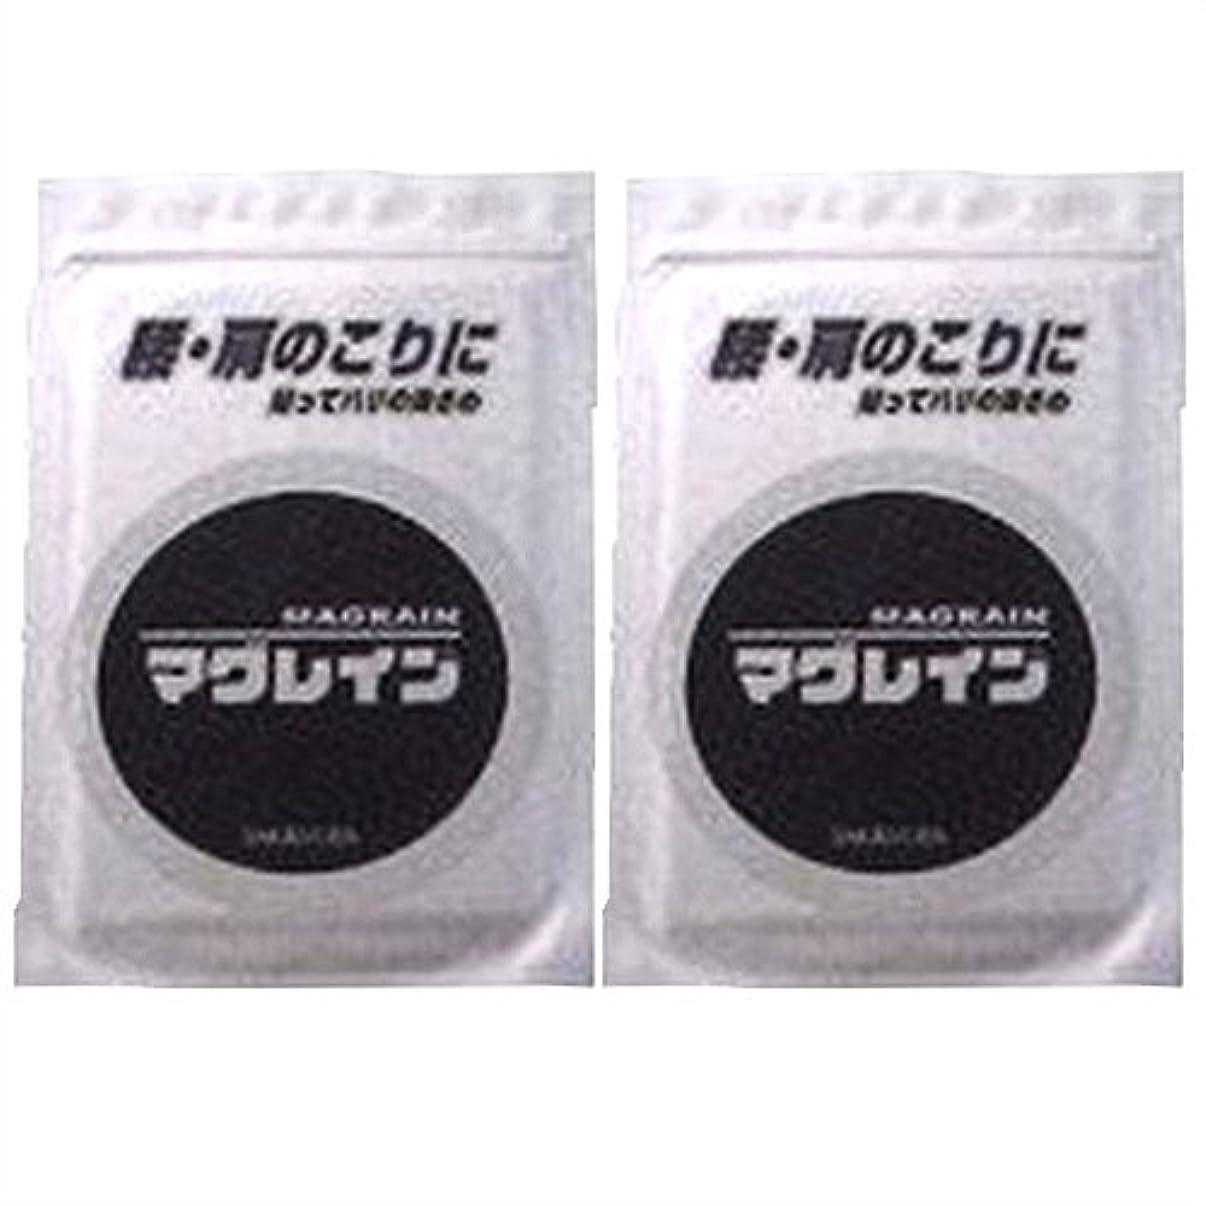 ゴシップポーターブリードマグレイン チタン 200粒入 肌色テープ(I) ×2個 セット